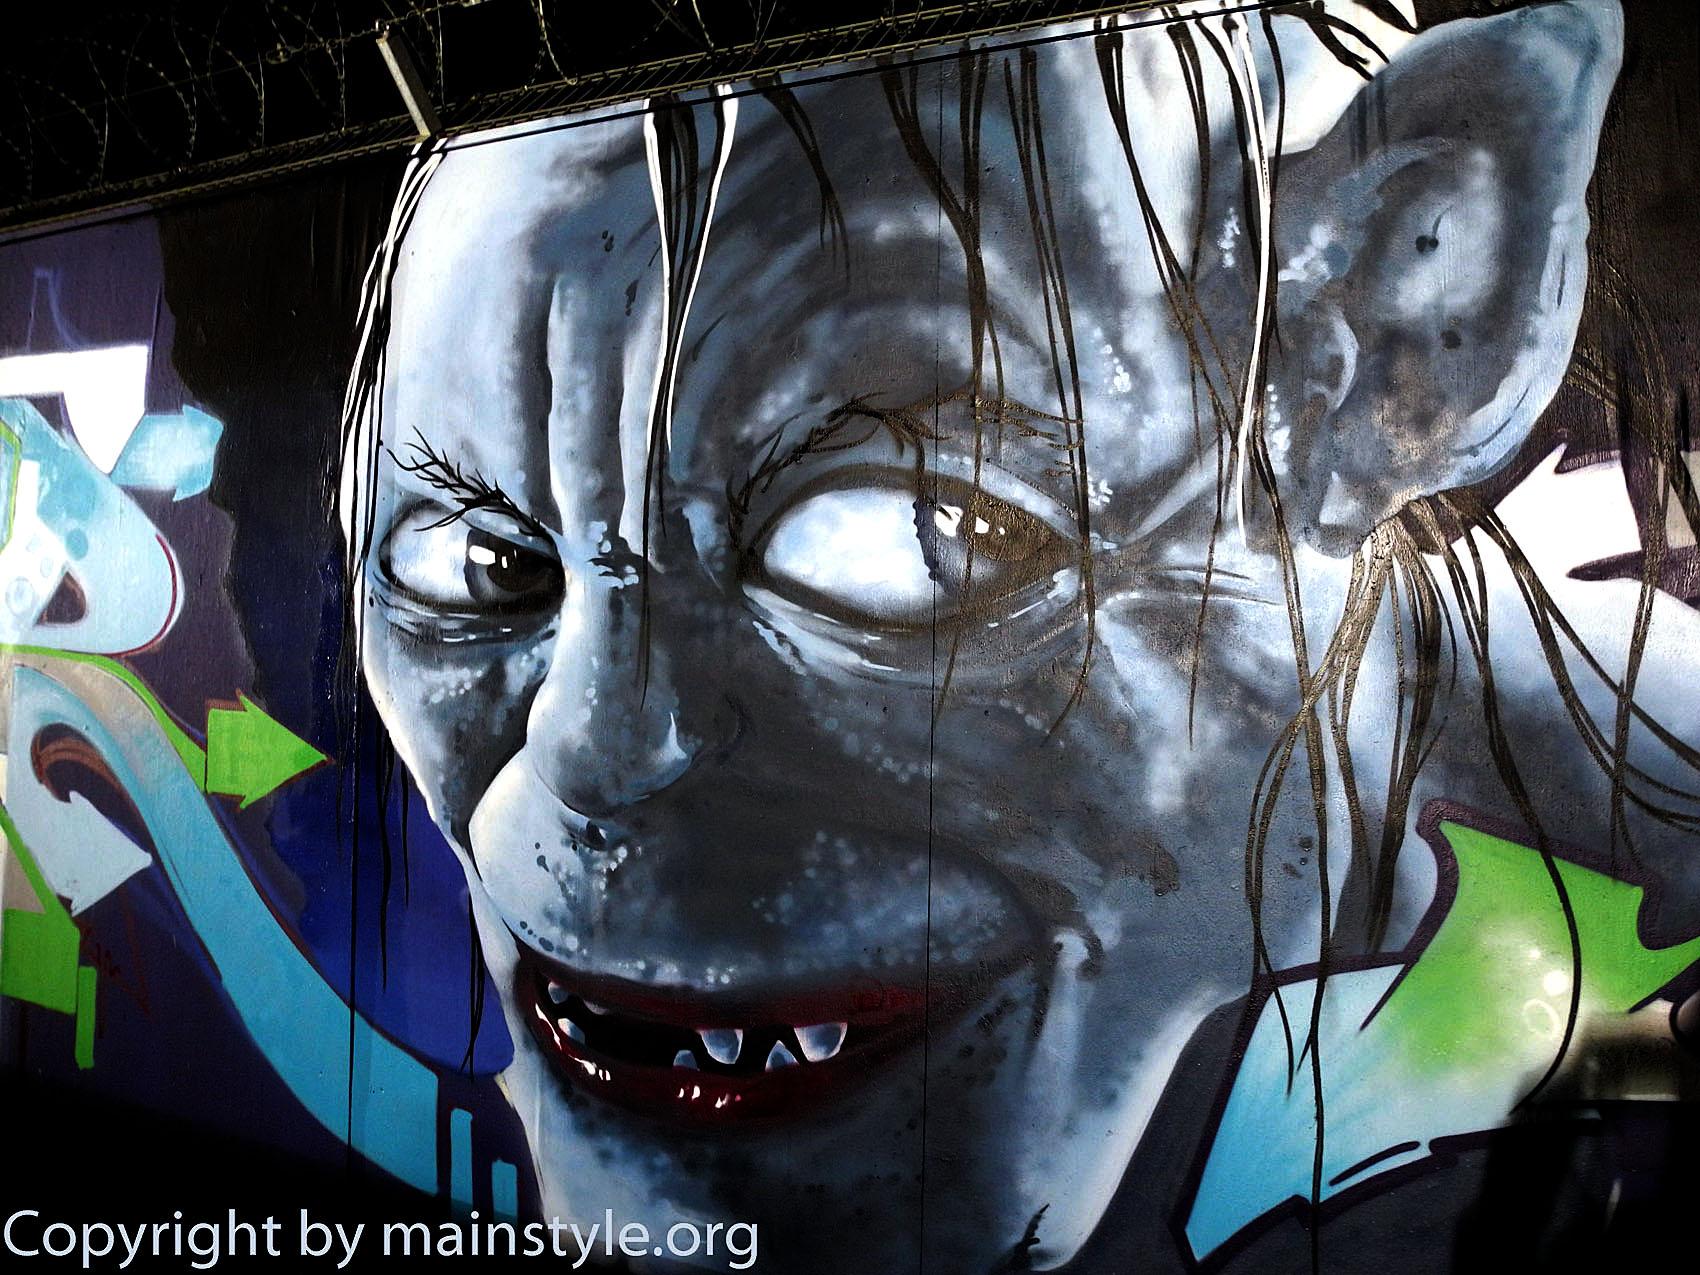 Frankfurt_Nacht_der_Museen_Graffiti_EZB_2013_-209